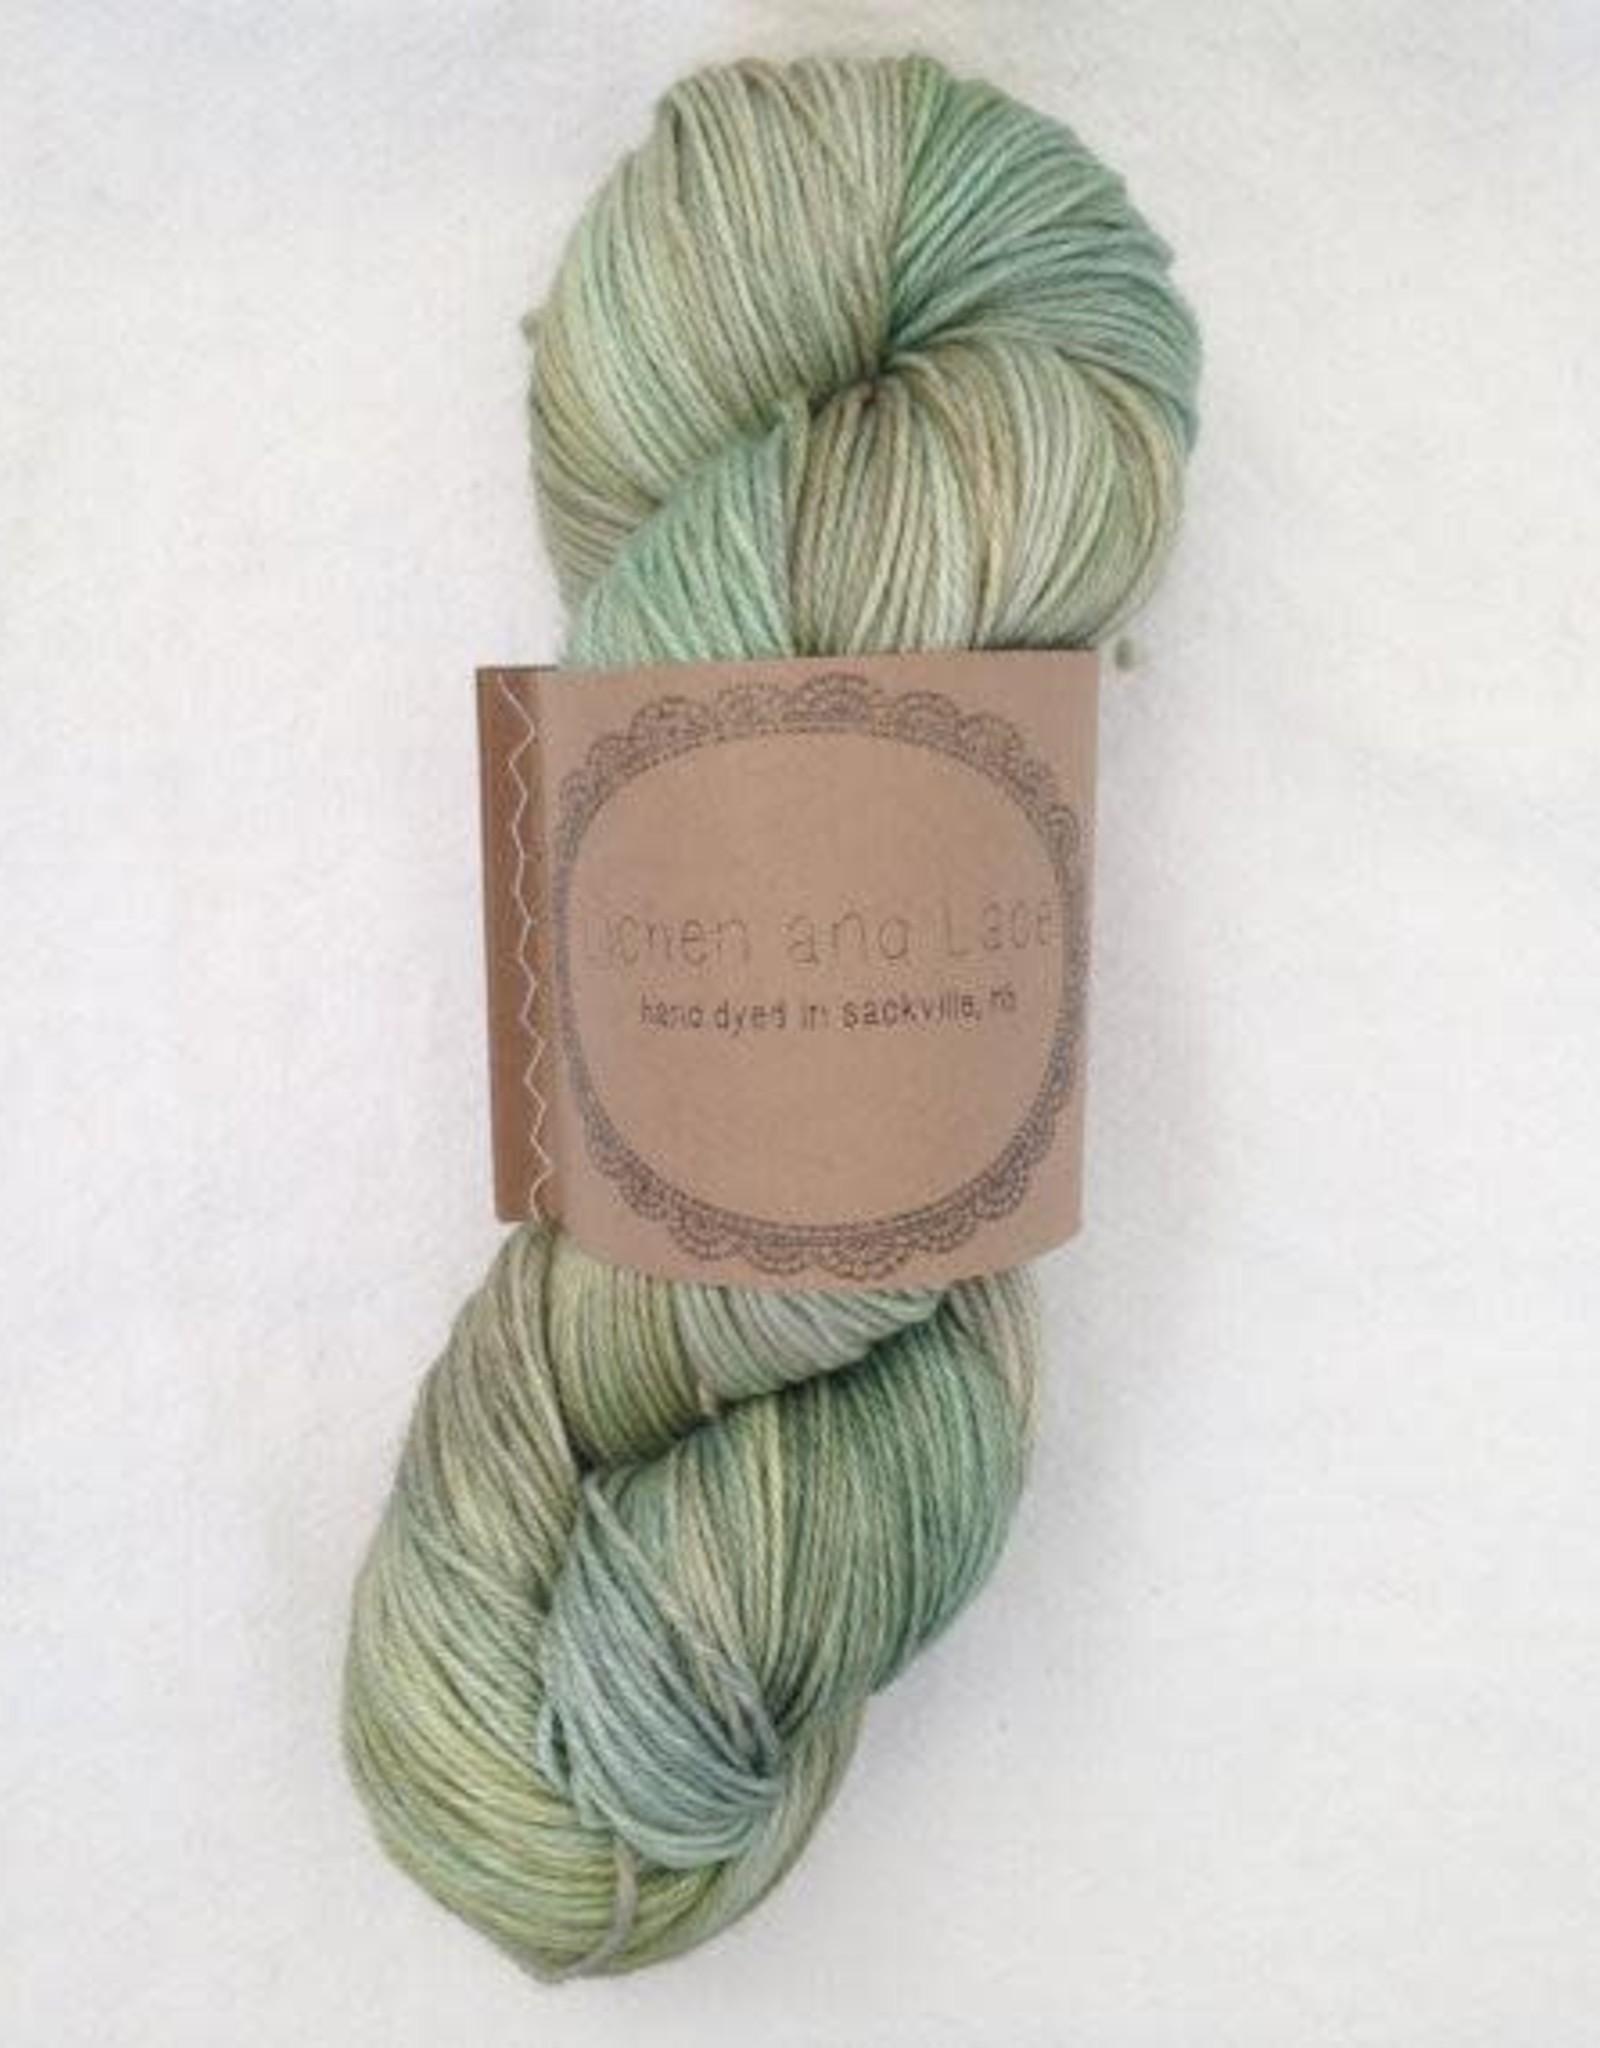 LL 80/20 Sock - Lichen